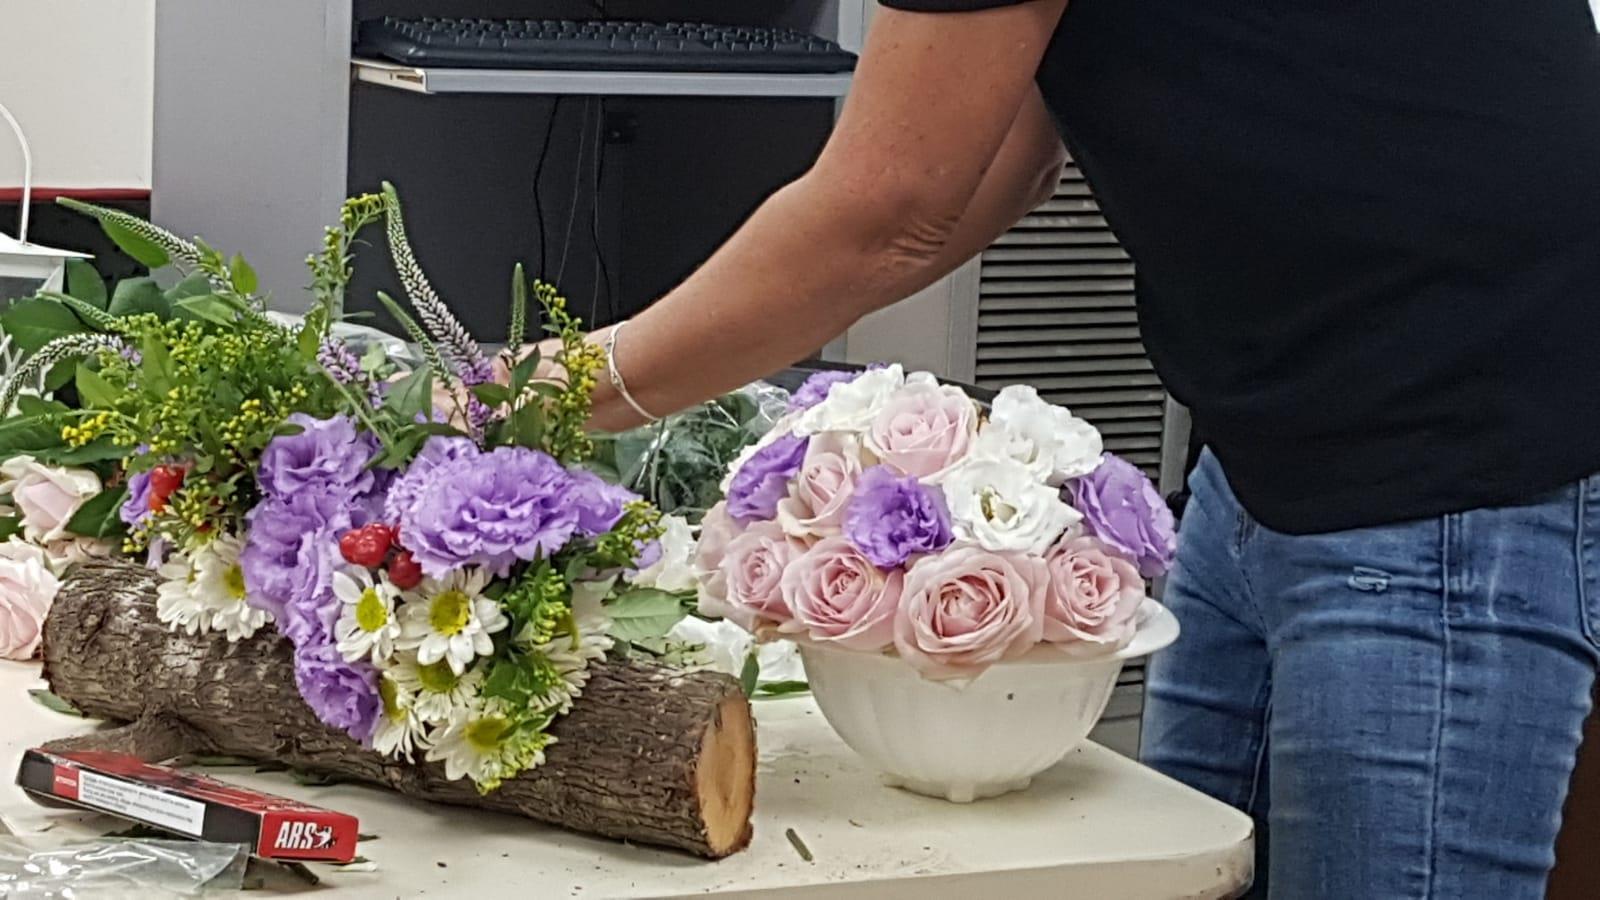 גלרייה - שיעור שזירת פרחים - קורס הפקת אירועים מחזור 24, 22 מתוך 35